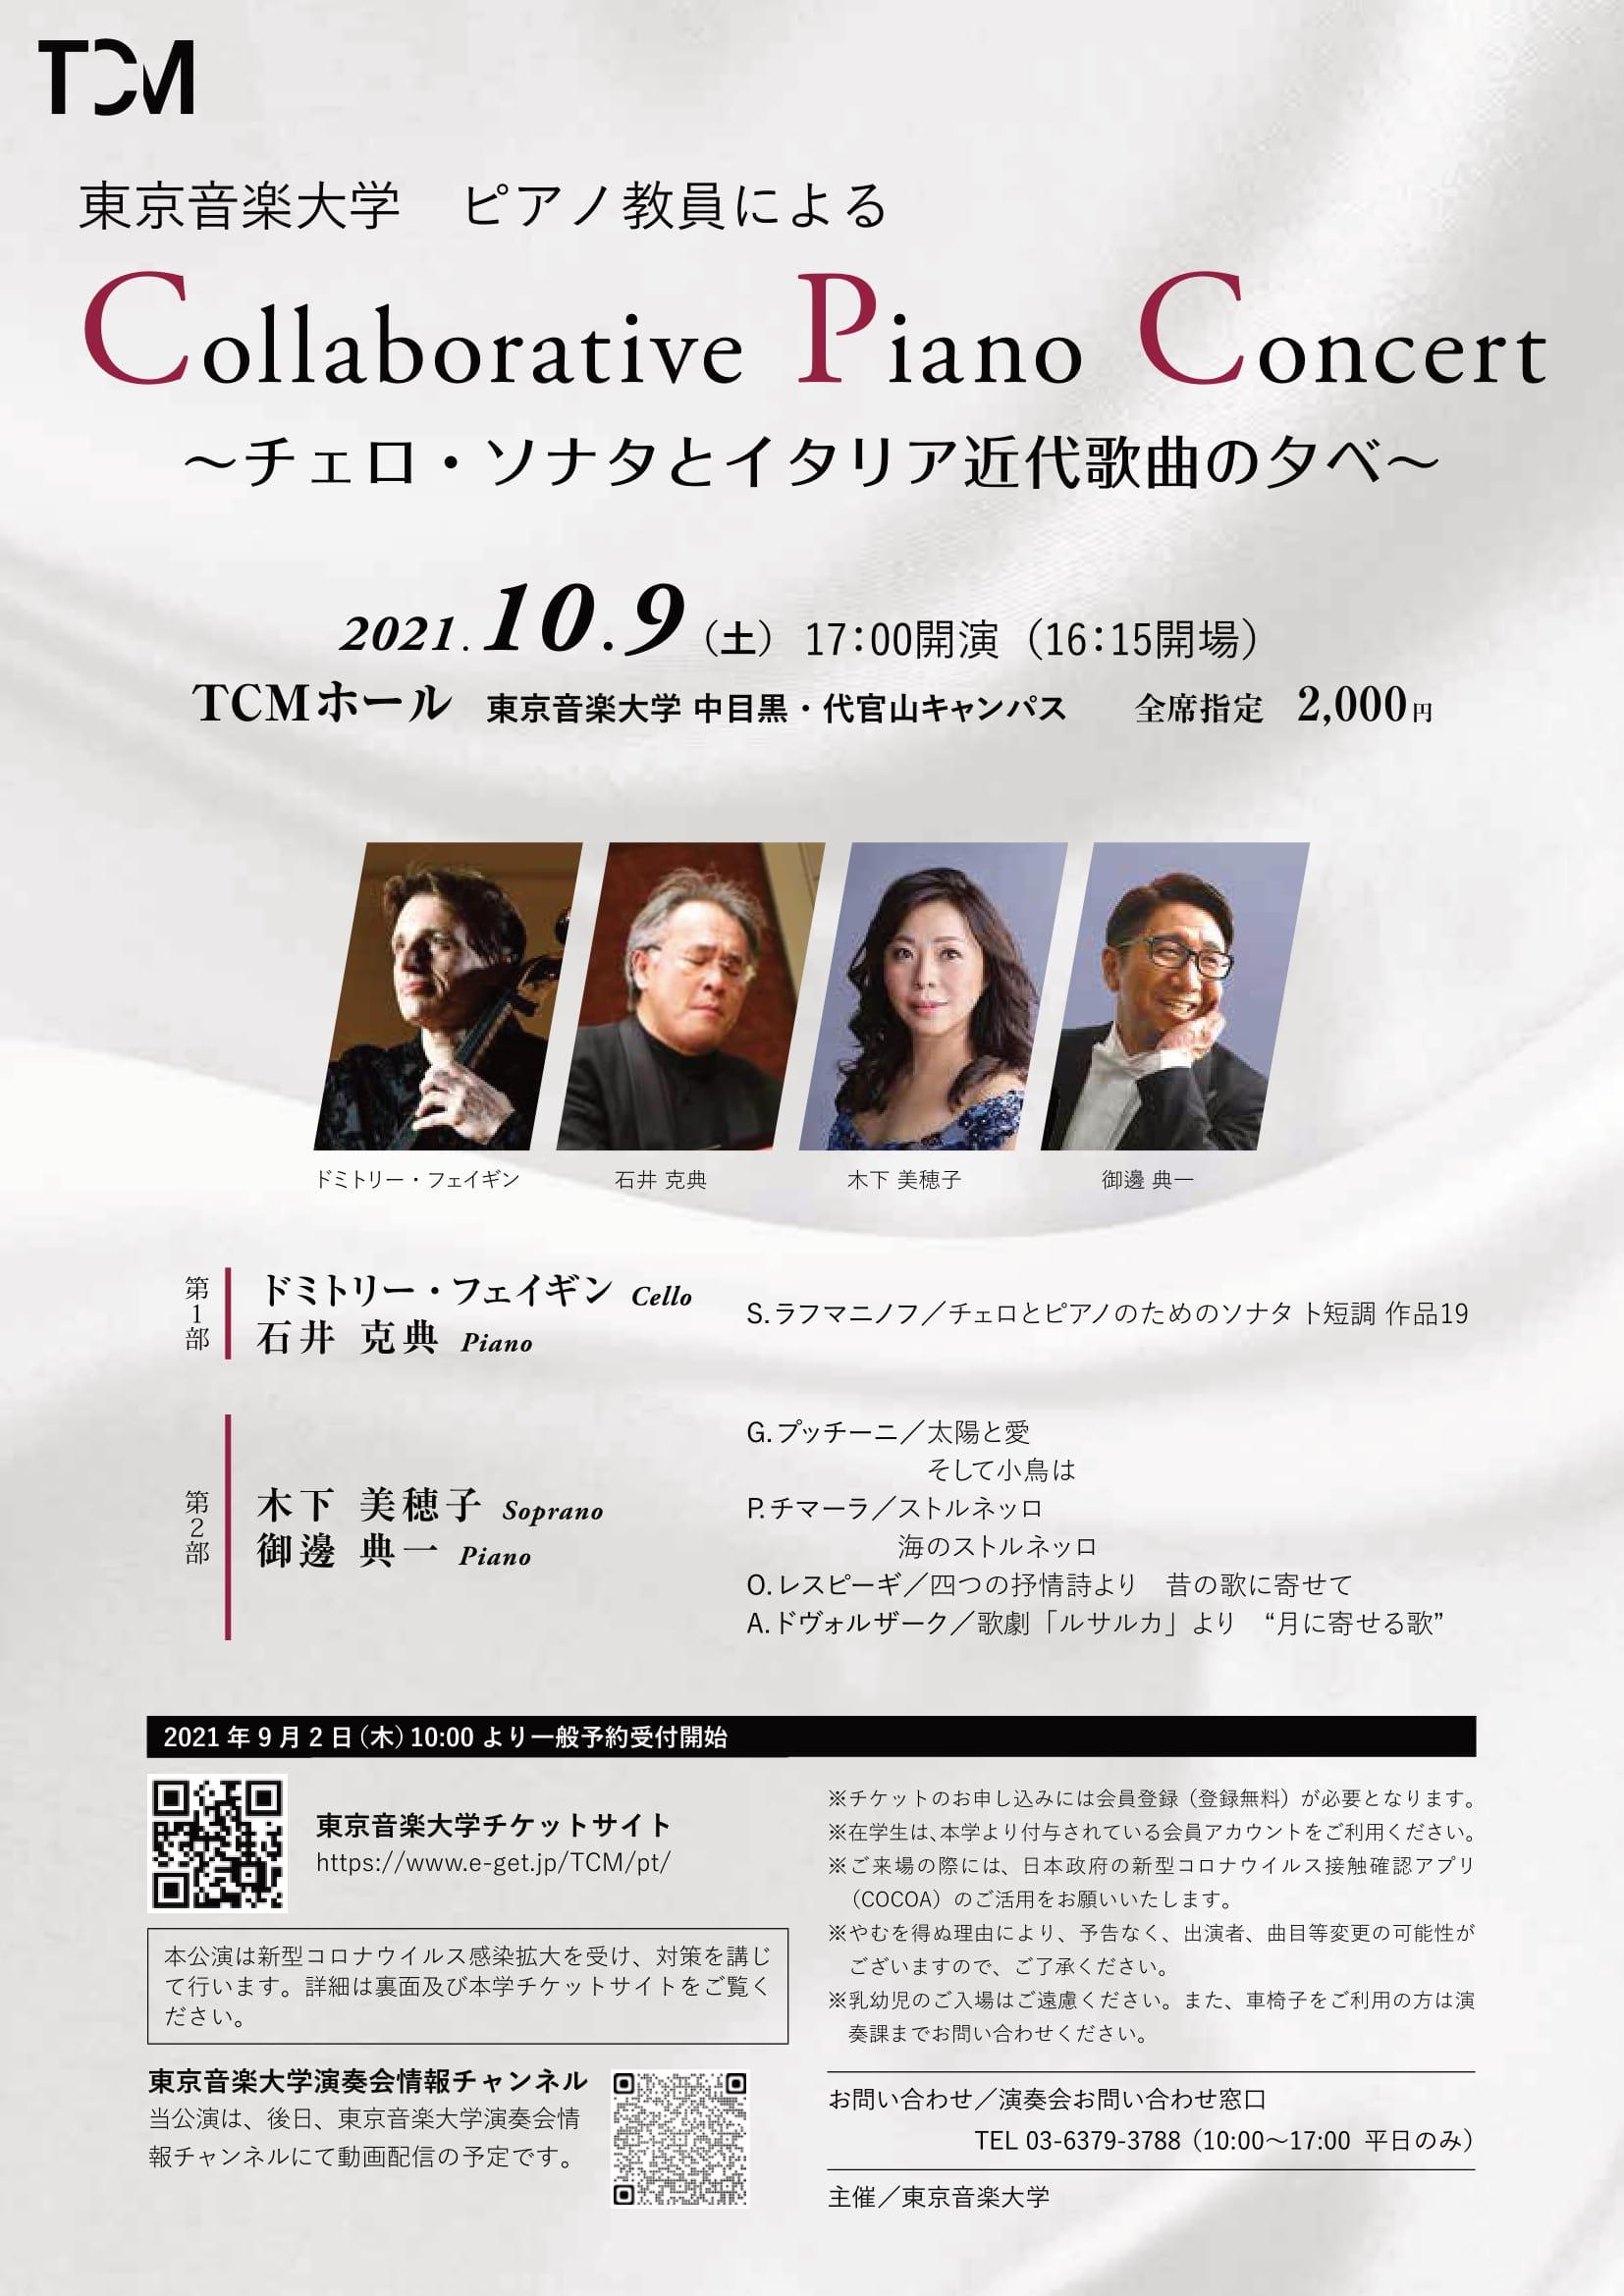 ピアノ教員によるCollaborative Piano Concert ~チェロ・ソナタとイタリア近代歌曲の夕べ~